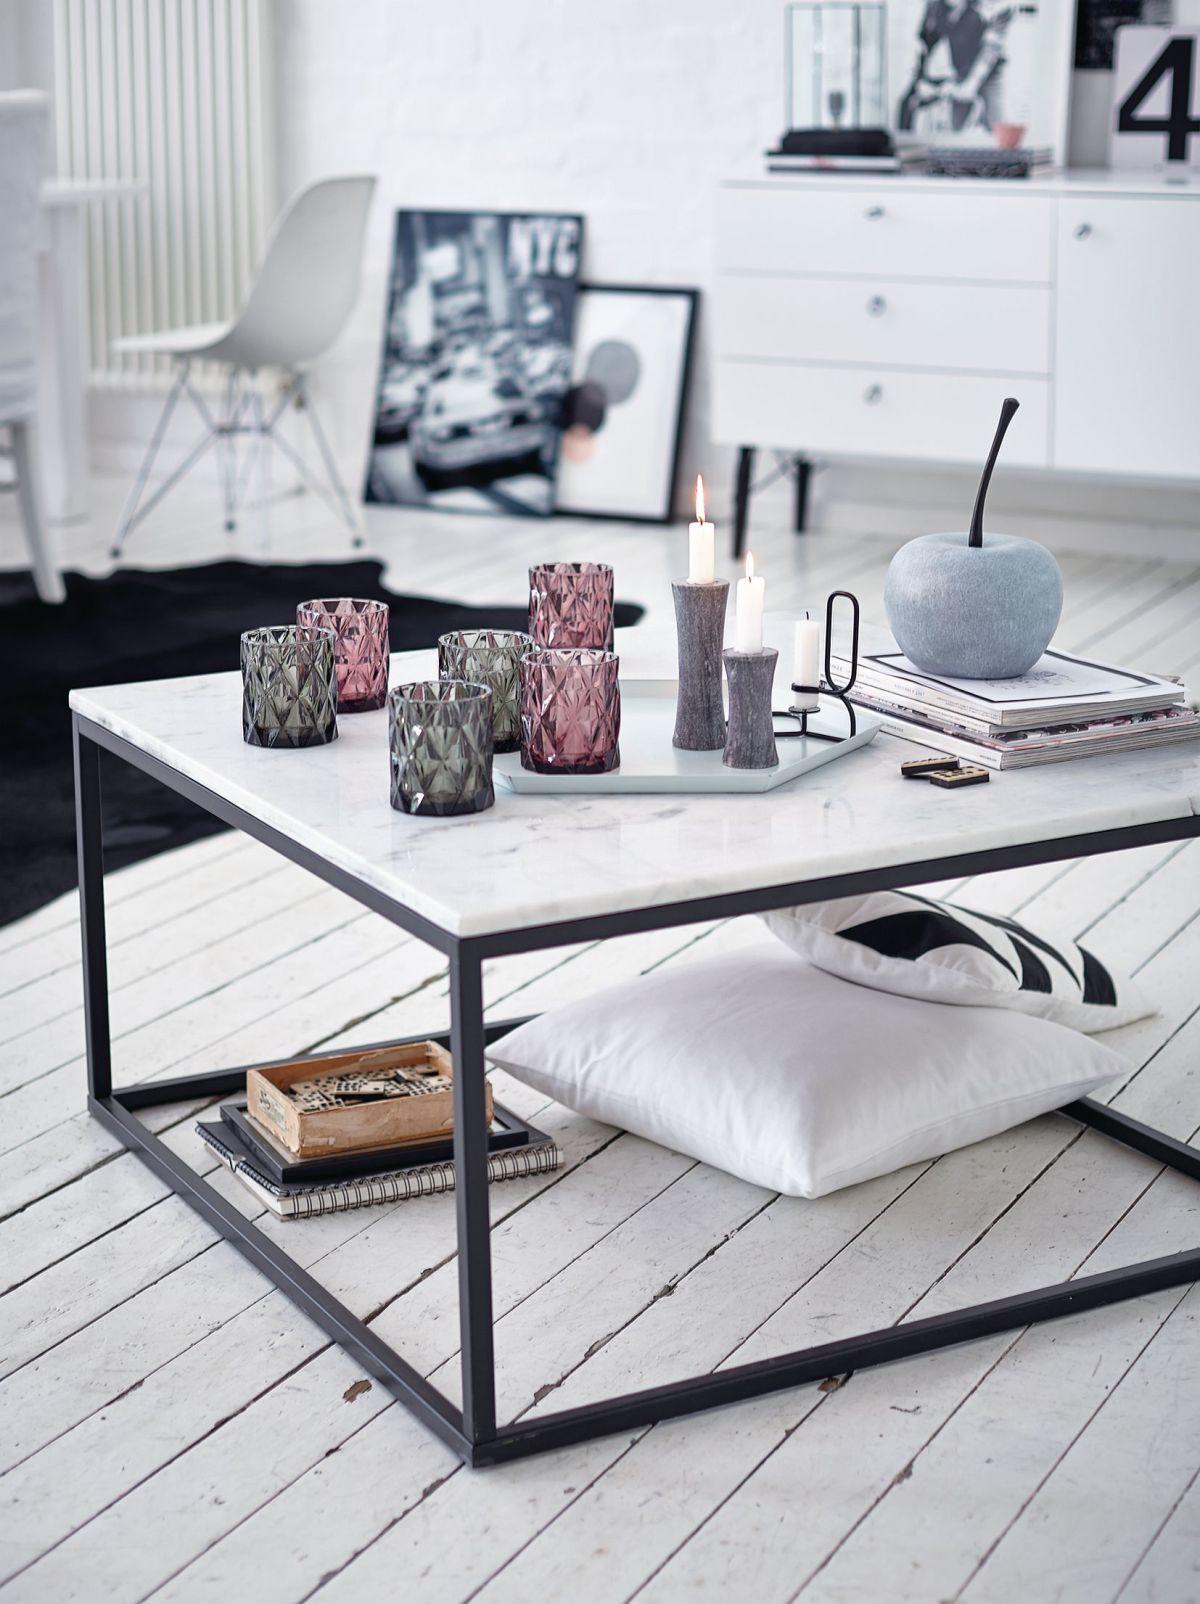 Couchtisch Quadratisch Modern Marmor Metall Couchtische Tische Möbel Living Marble Tables Design Marble Tables Living Room Coffee Table